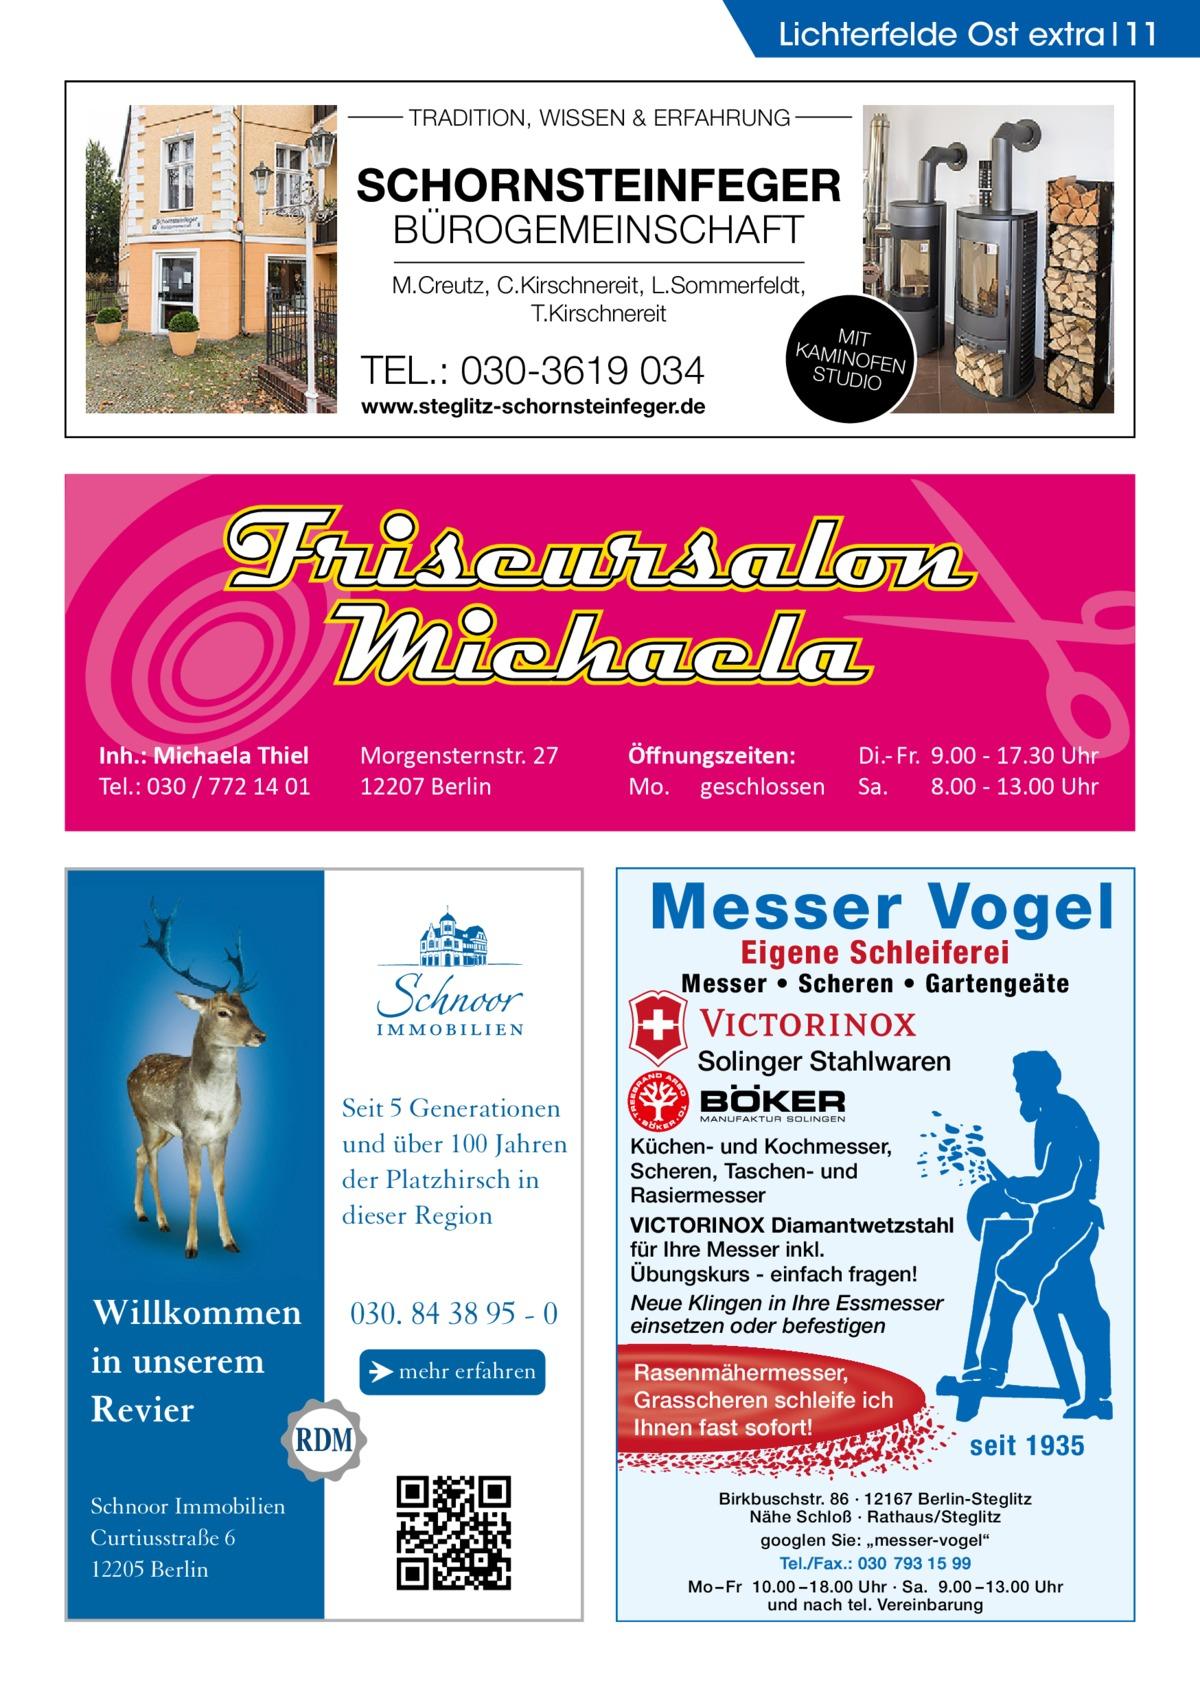 """Lichterfelde Ost extra 11 TRADITION, WISSEN & ERFAHRUNG  SCHORNSTEINFEGER BÜROGEMEINSCHAFT  M.Creutz, C.Kirschnereit, L.Sommerfeldt, T.Kirschnereit  TEL.: 030-3619 034 www.steglitz-schornsteinfeger.de  Inh.: Michaela Thiel Tel.: 030 / 772 14 01  Morgensternstr. 27 12207 Berlin  MIT KAMIN OF STUDIOEN  Öffnungszeiten: Mo. geschlossen  Di.- Fr. 9.00 - 17.30 Uhr Sa. 8.00 - 13.00 Uhr  Messer Vogel Eigene Schleiferei  Messer • Scheren • Gartengeäte  Solinger Stahlwaren  Seit 5 Generationen und über 100 Jahren der Platzhirsch in dieser Region  Willkommen in unserem Revier Schnoor Immobilien Curtiusstraße 6 12205 Berlin  030. 84 38 95 - 0 → mehr erfahren  Küchen- und Kochmesser, Scheren, Taschen- und Rasiermesser VICTORINOX Diamantwetzstahl für Ihre Messer inkl. Übungskurs - einfach fragen! Neue Klingen in Ihre Essmesser einsetzen oder befestigen  Rasenmähermesser, Grasscheren schleife ich Ihnen fast sofort!  seit 1935  Birkbuschstr. 86 · 12167 Berlin-Steglitz Nähe Schloß · Rathaus/Steglitz googlen Sie: """"messer-vogel"""" Tel./Fax.: 030 793 15 99 Mo – Fr 10.00 – 18.00 Uhr · Sa. 9.00 – 13.00 Uhr und nach tel. Vereinbarung"""